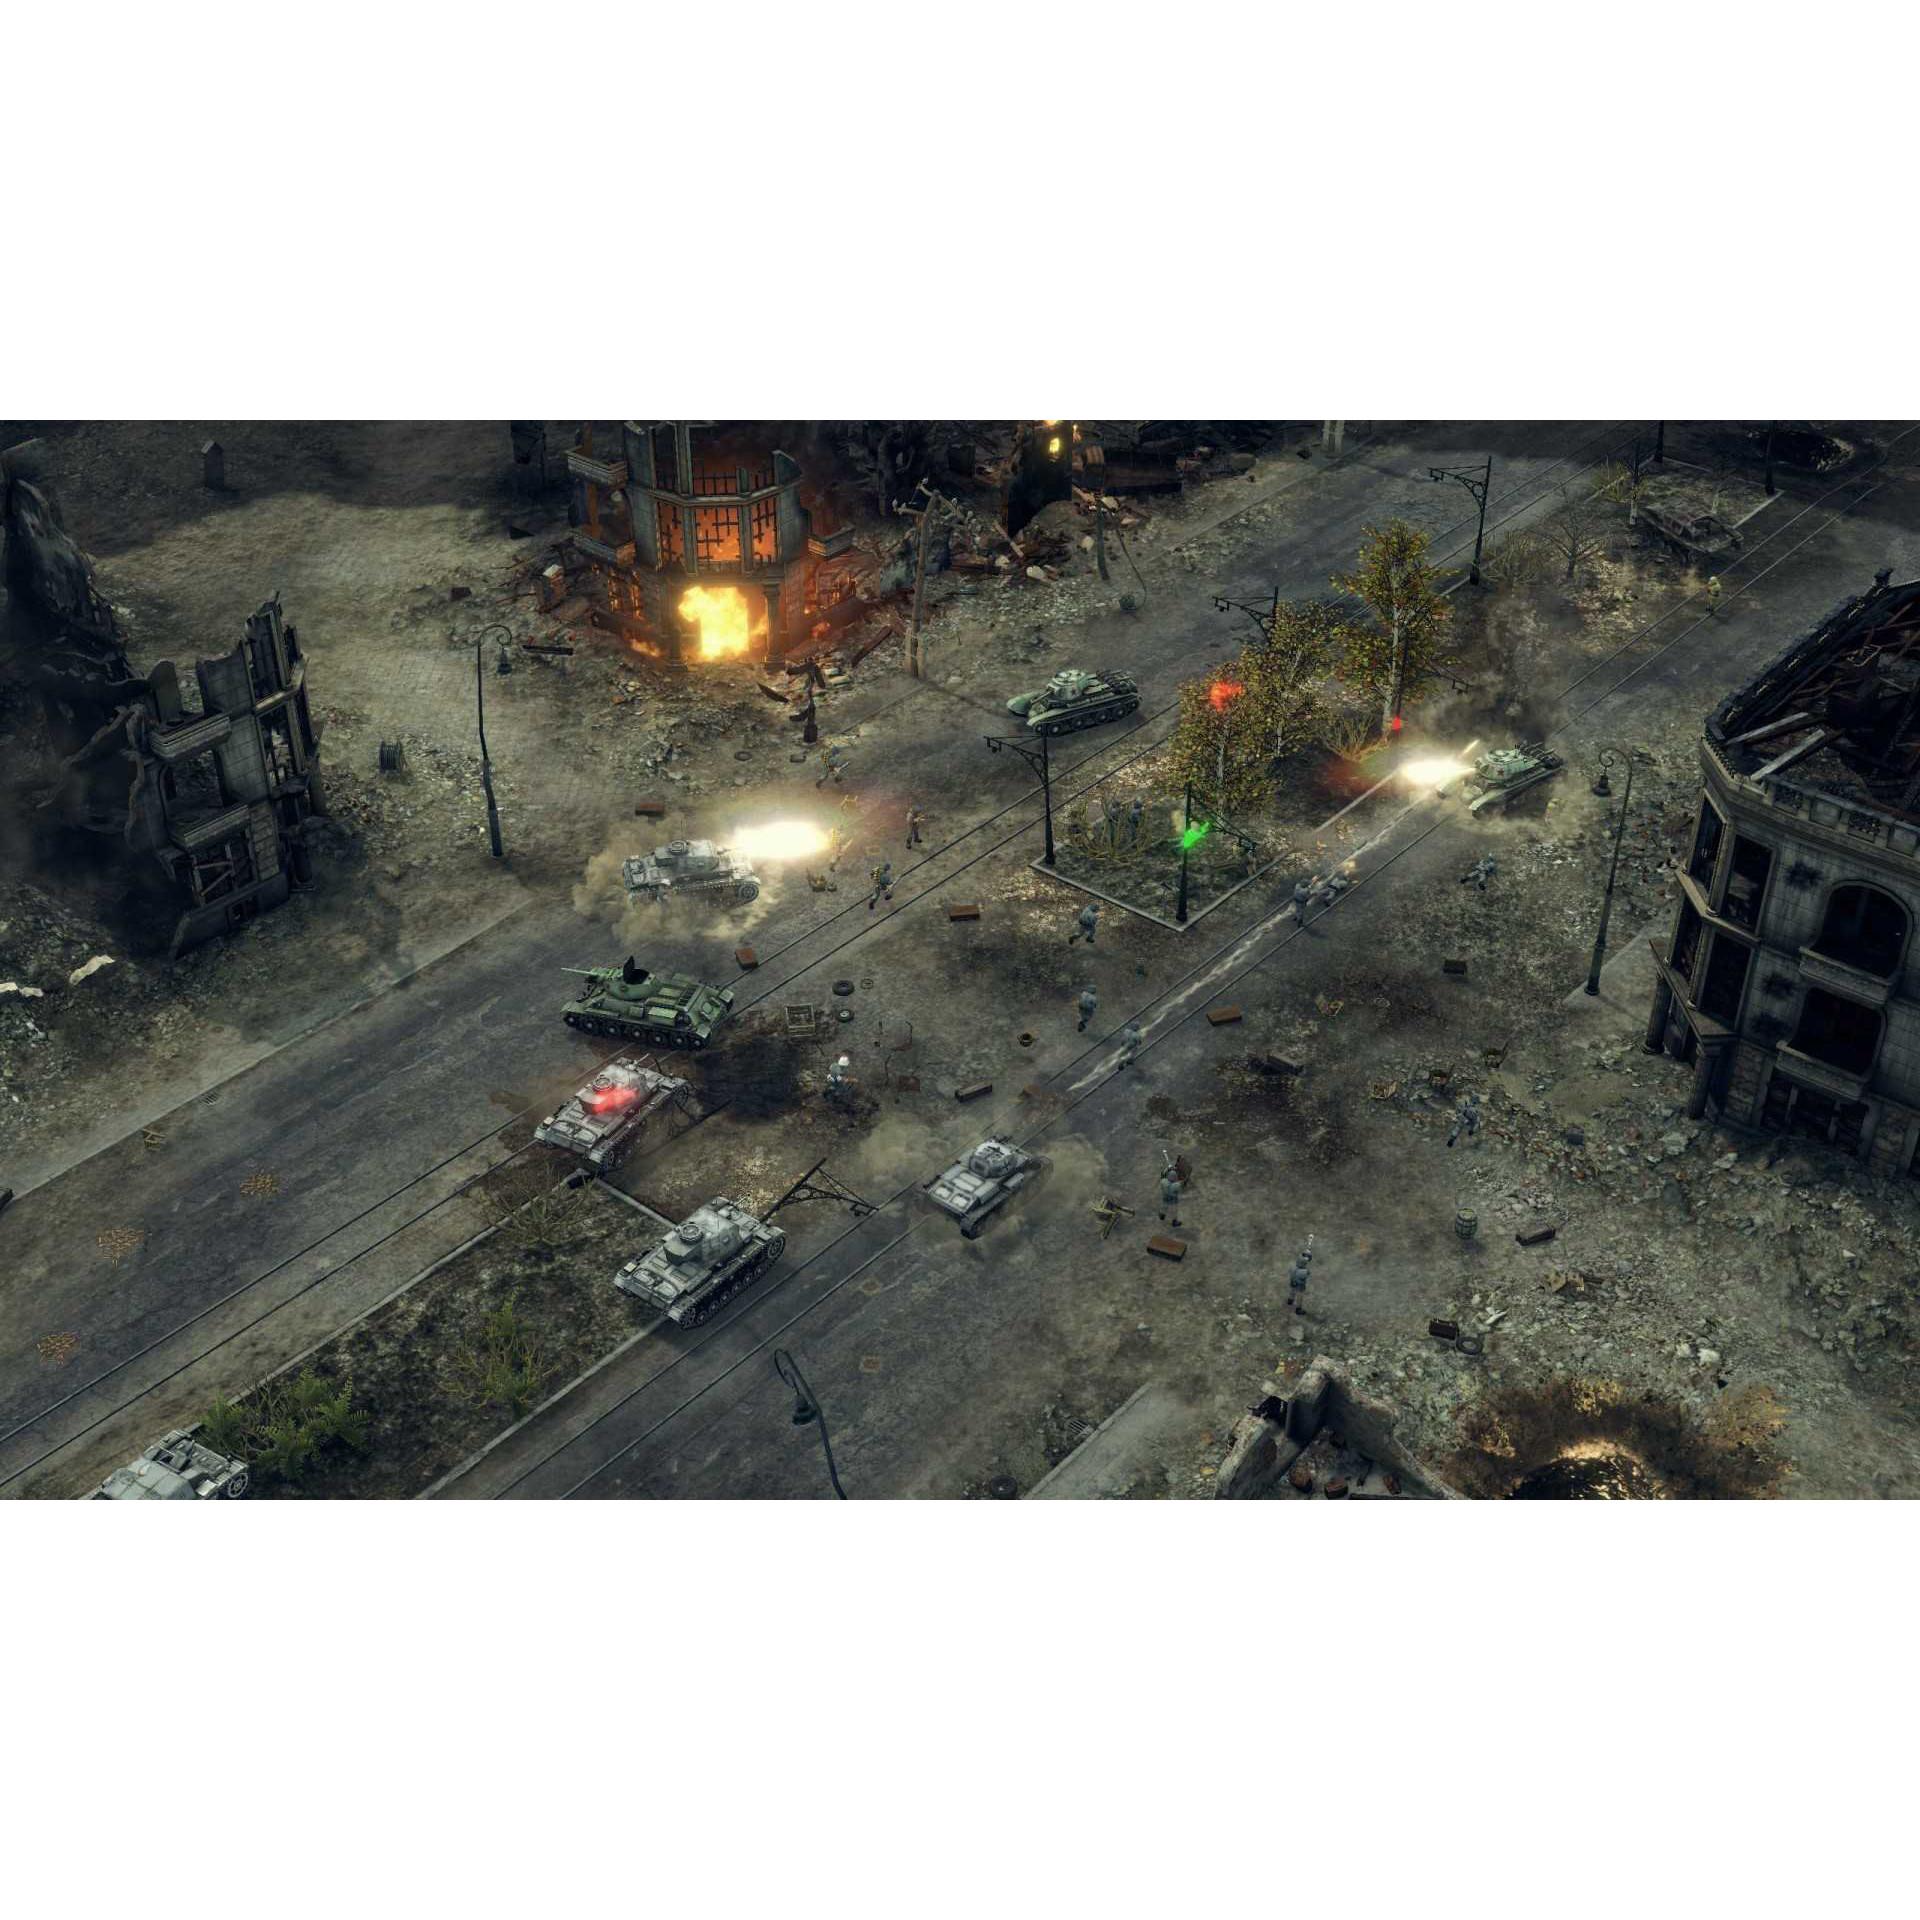 Joc Sudden Strike 4: Complete Collection (EU) Pentru PlayStation 4 1